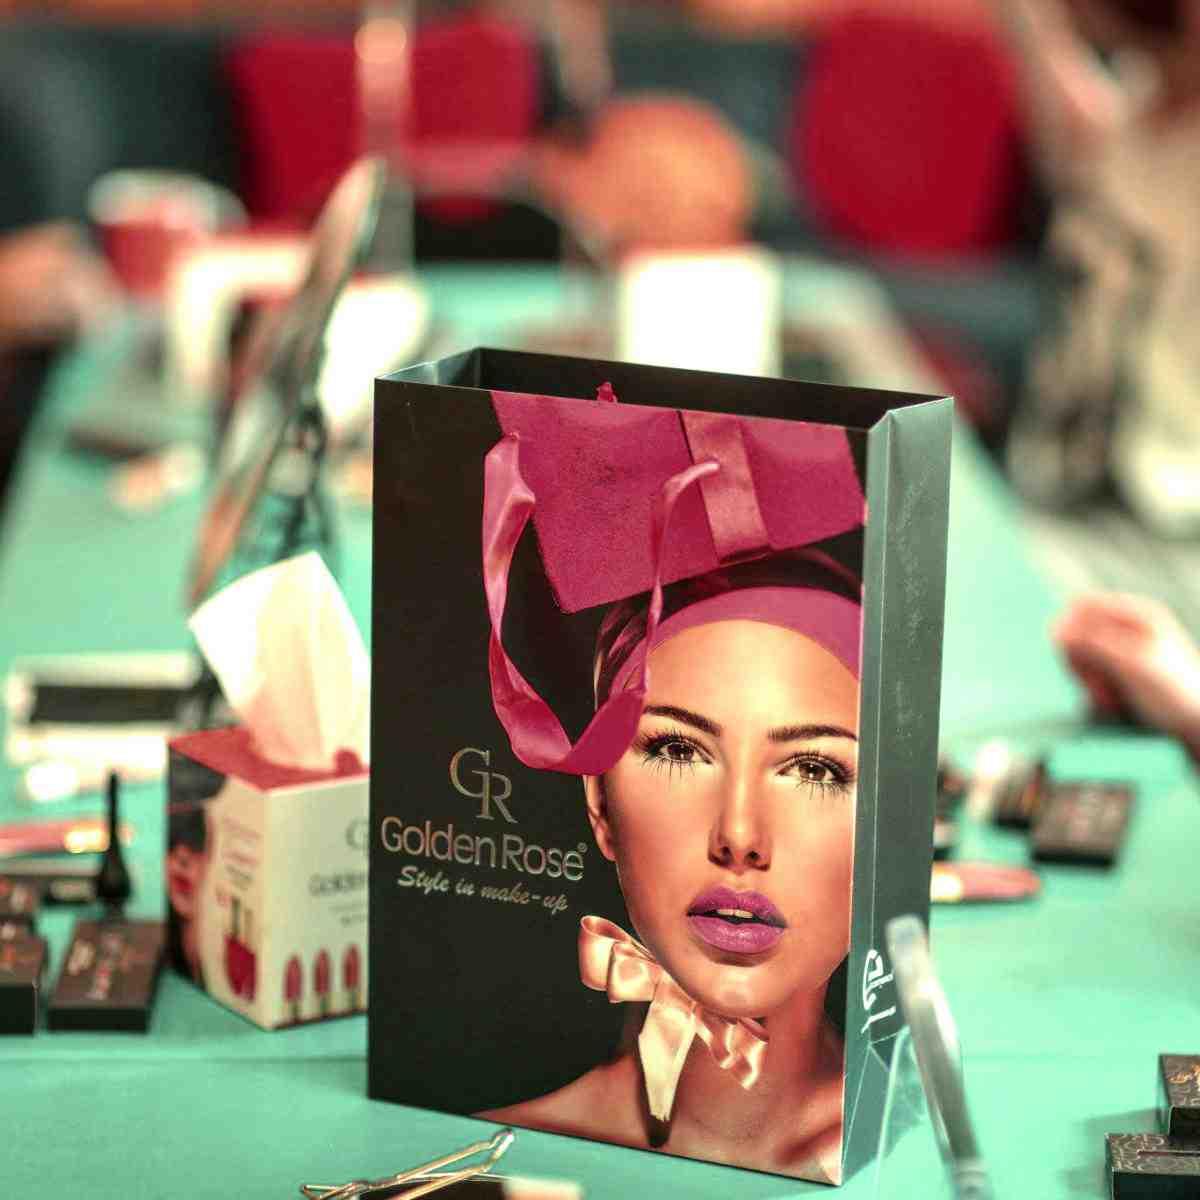 Uczestniczyliśmy w wyjątkowych warsztatach z podstaw makijażu! Wspieramy Inicjatywę Młodzież na Fali!